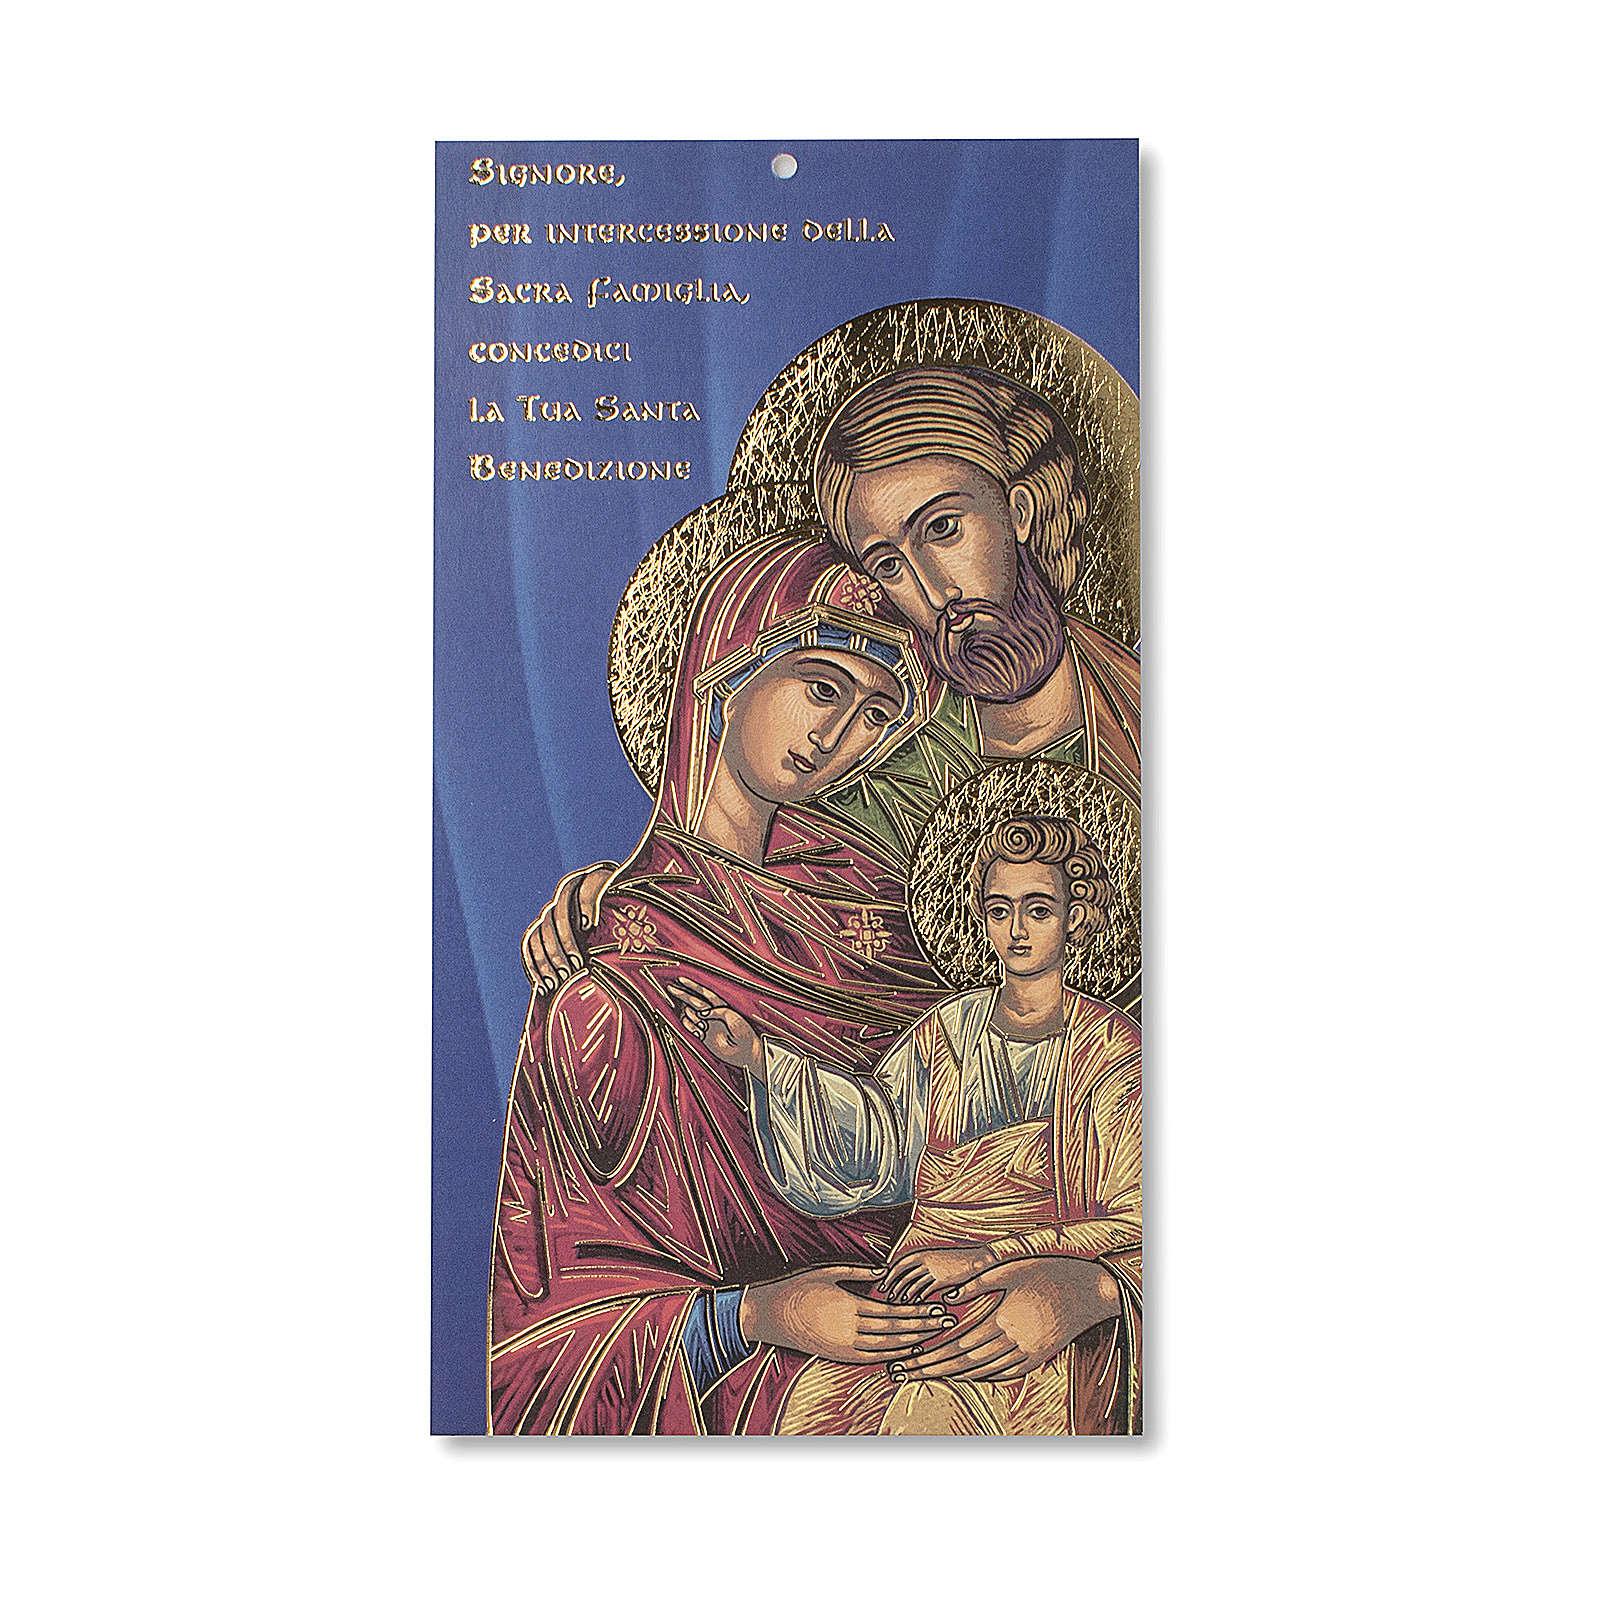 Estampa Bendición Pascual Icono Sagrada Familia ITALIANO 3